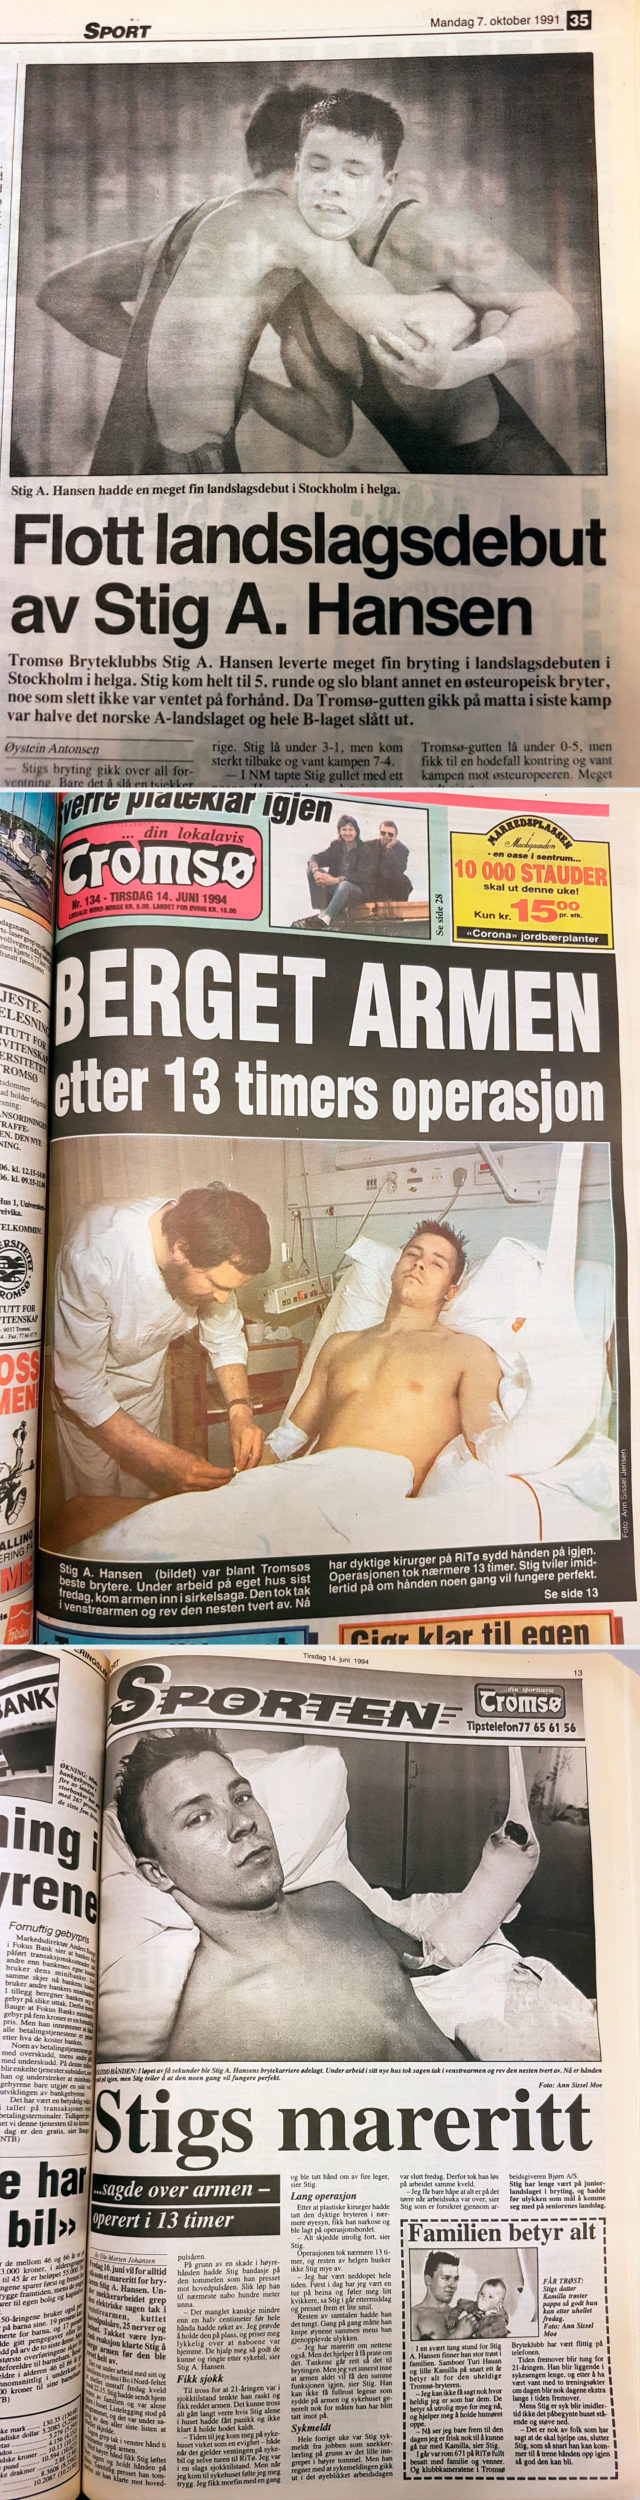 Stig A. Hansen debuterte på landslaget i bryting så pass tidlig som i 1991. (Nordlys) Få dager etter operasjonen får media besøke «Bryte-Stig» på sykehuset. («Tromsø») Stig A. Hansen hadde selv små håp om at venstrehånda hans skulle bli like god som før. («Tromsø»)